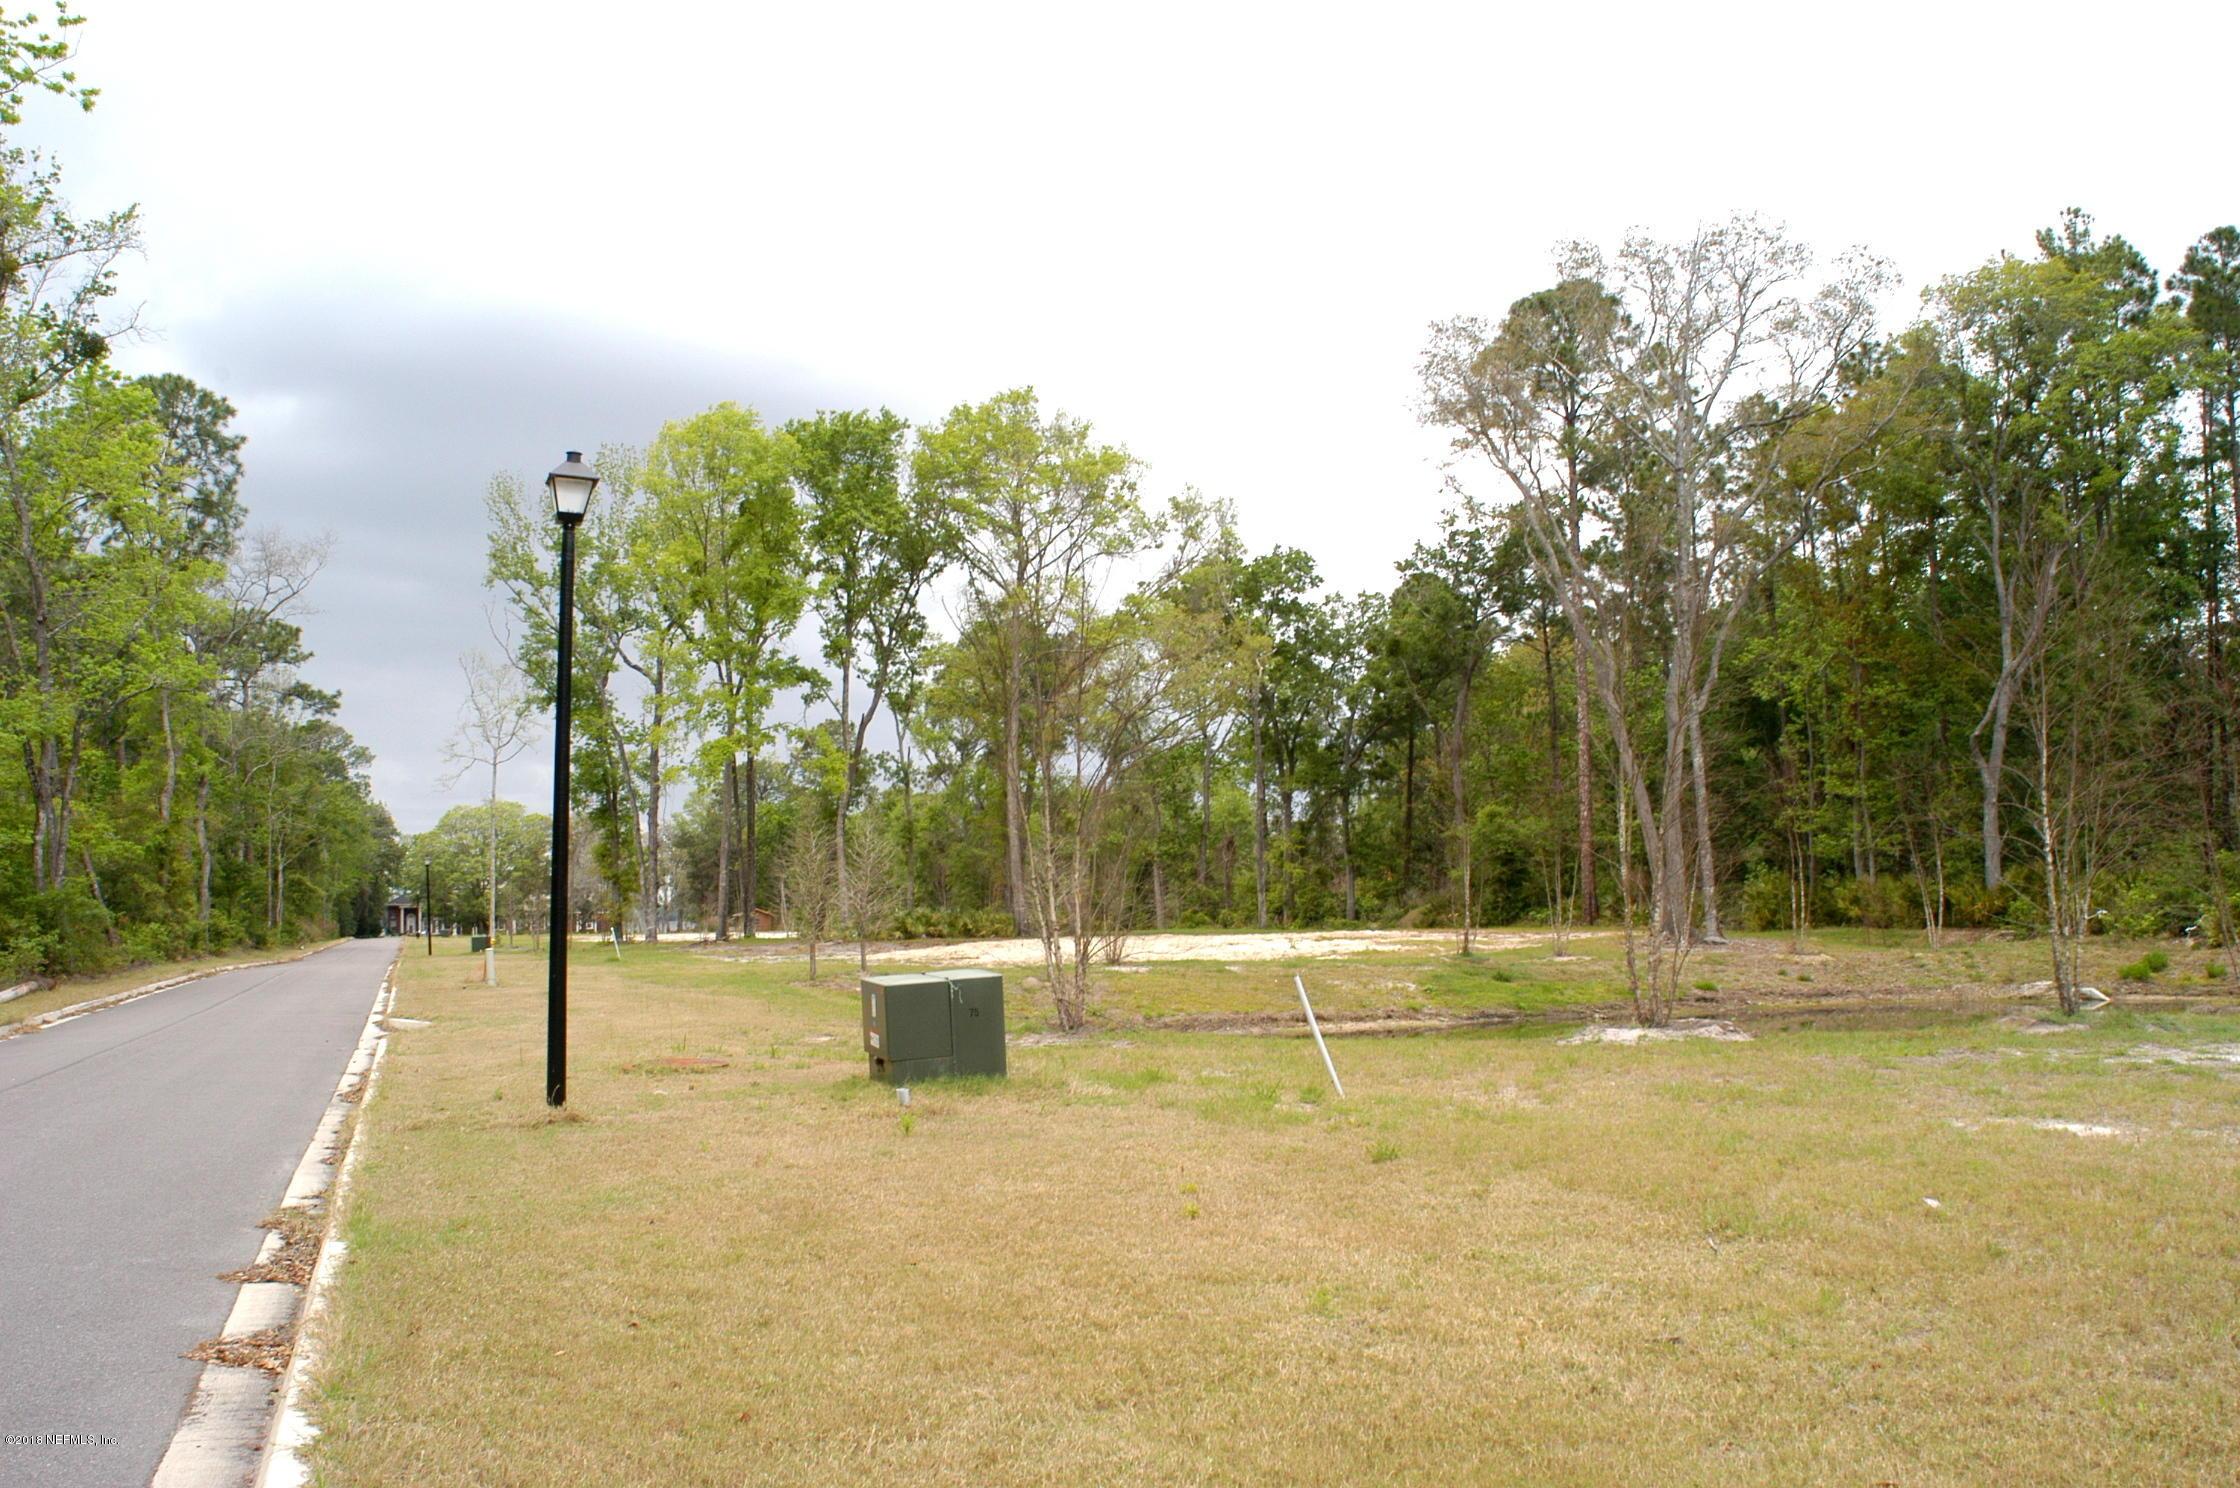 1327 WEAVER GLEN, JACKSONVILLE, FLORIDA 32223, ,Vacant land,For sale,WEAVER GLEN,938050